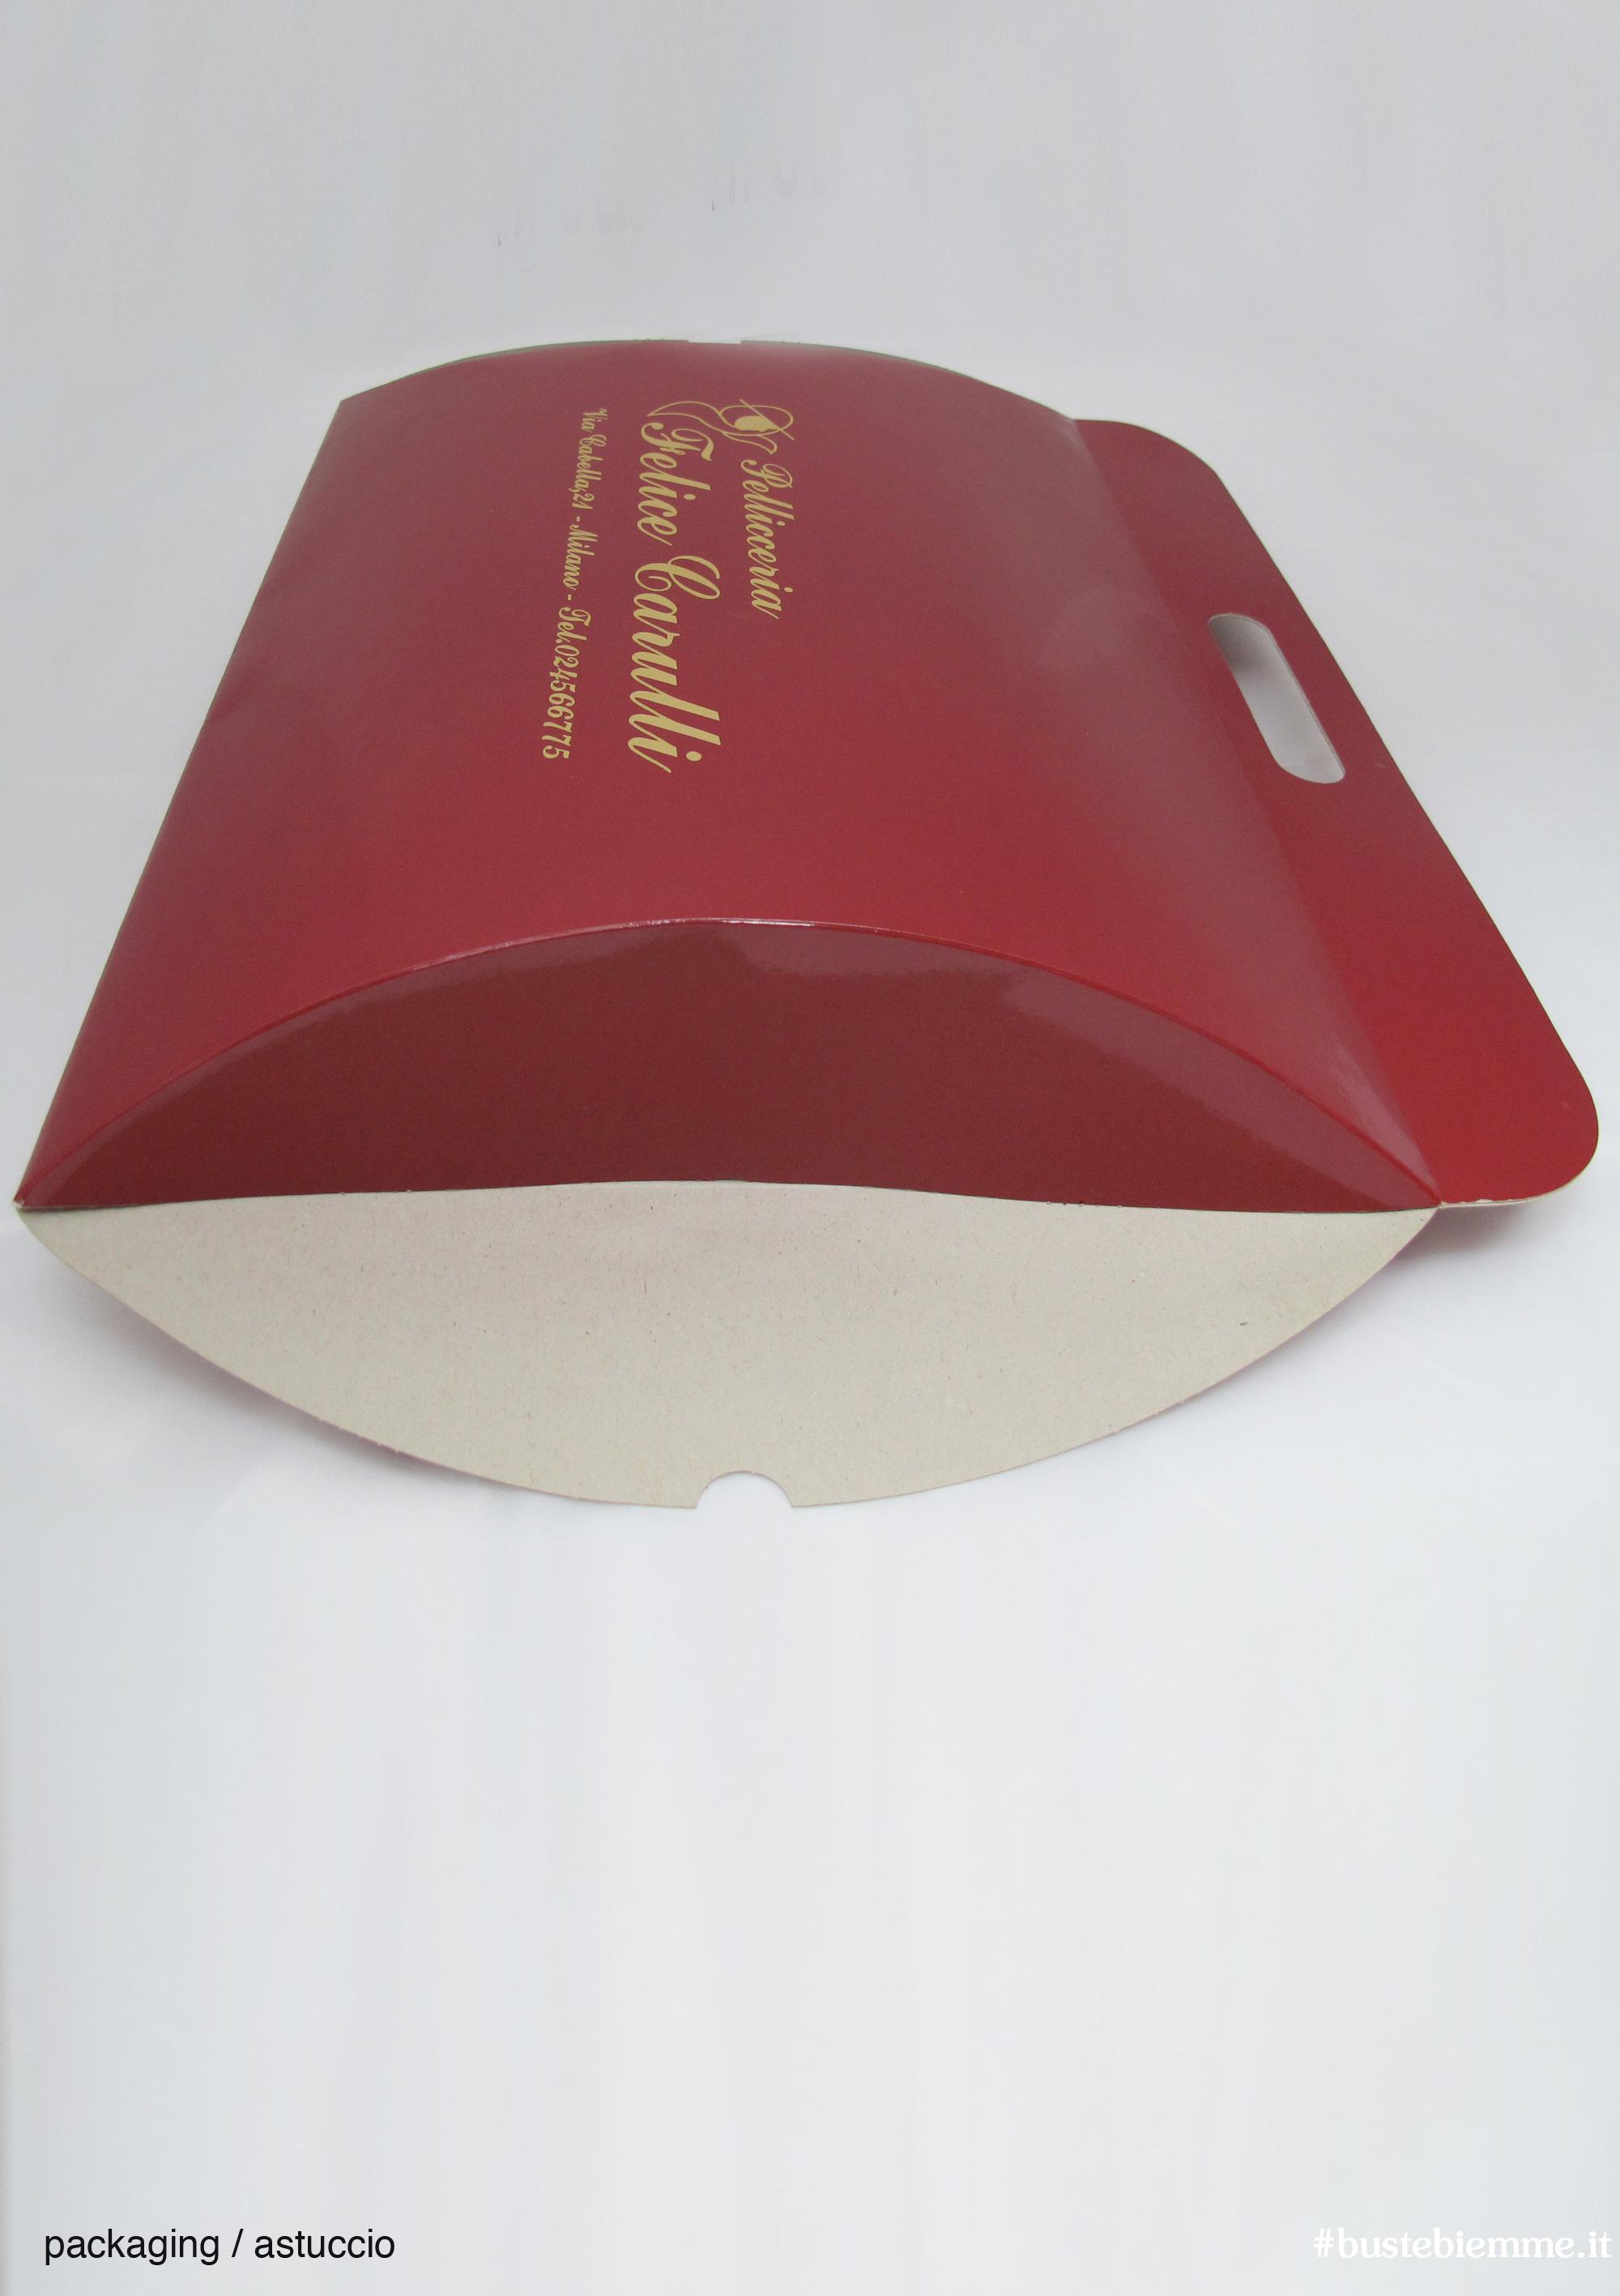 astuccio ovale carta colorata stampa oro a caldo